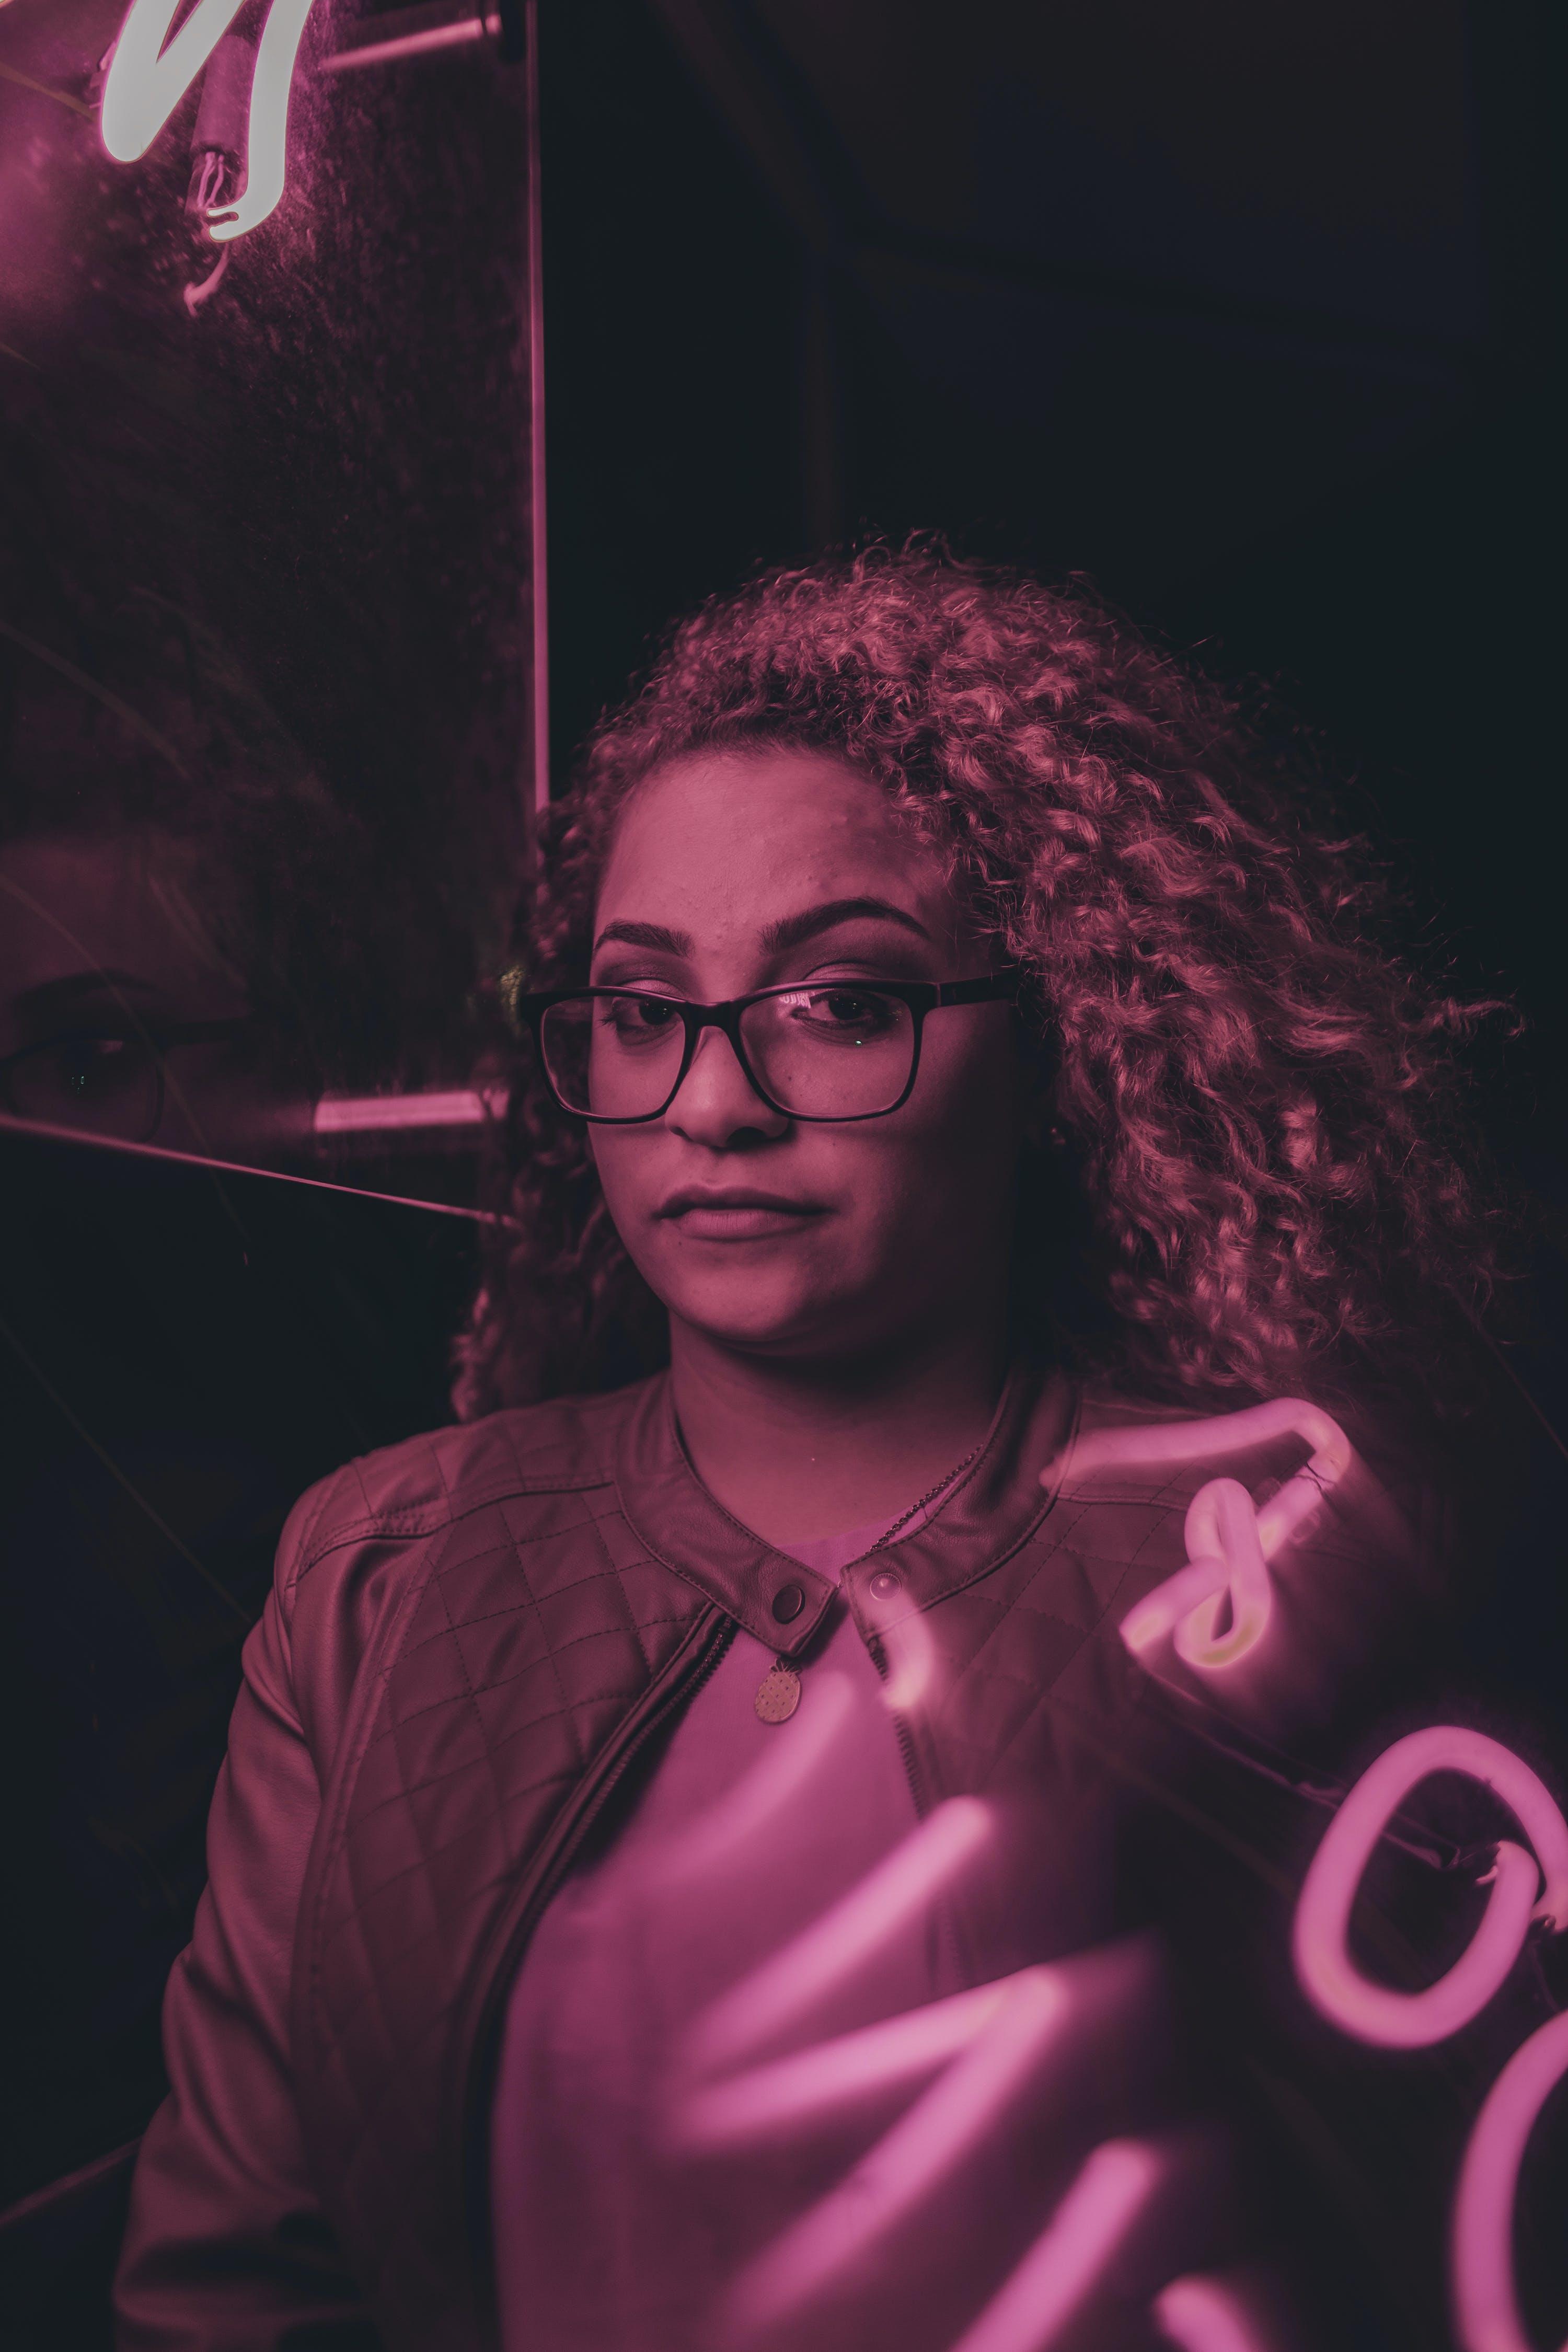 Gratis arkivbilde med kvinne, neon, neonlys, neonskilt